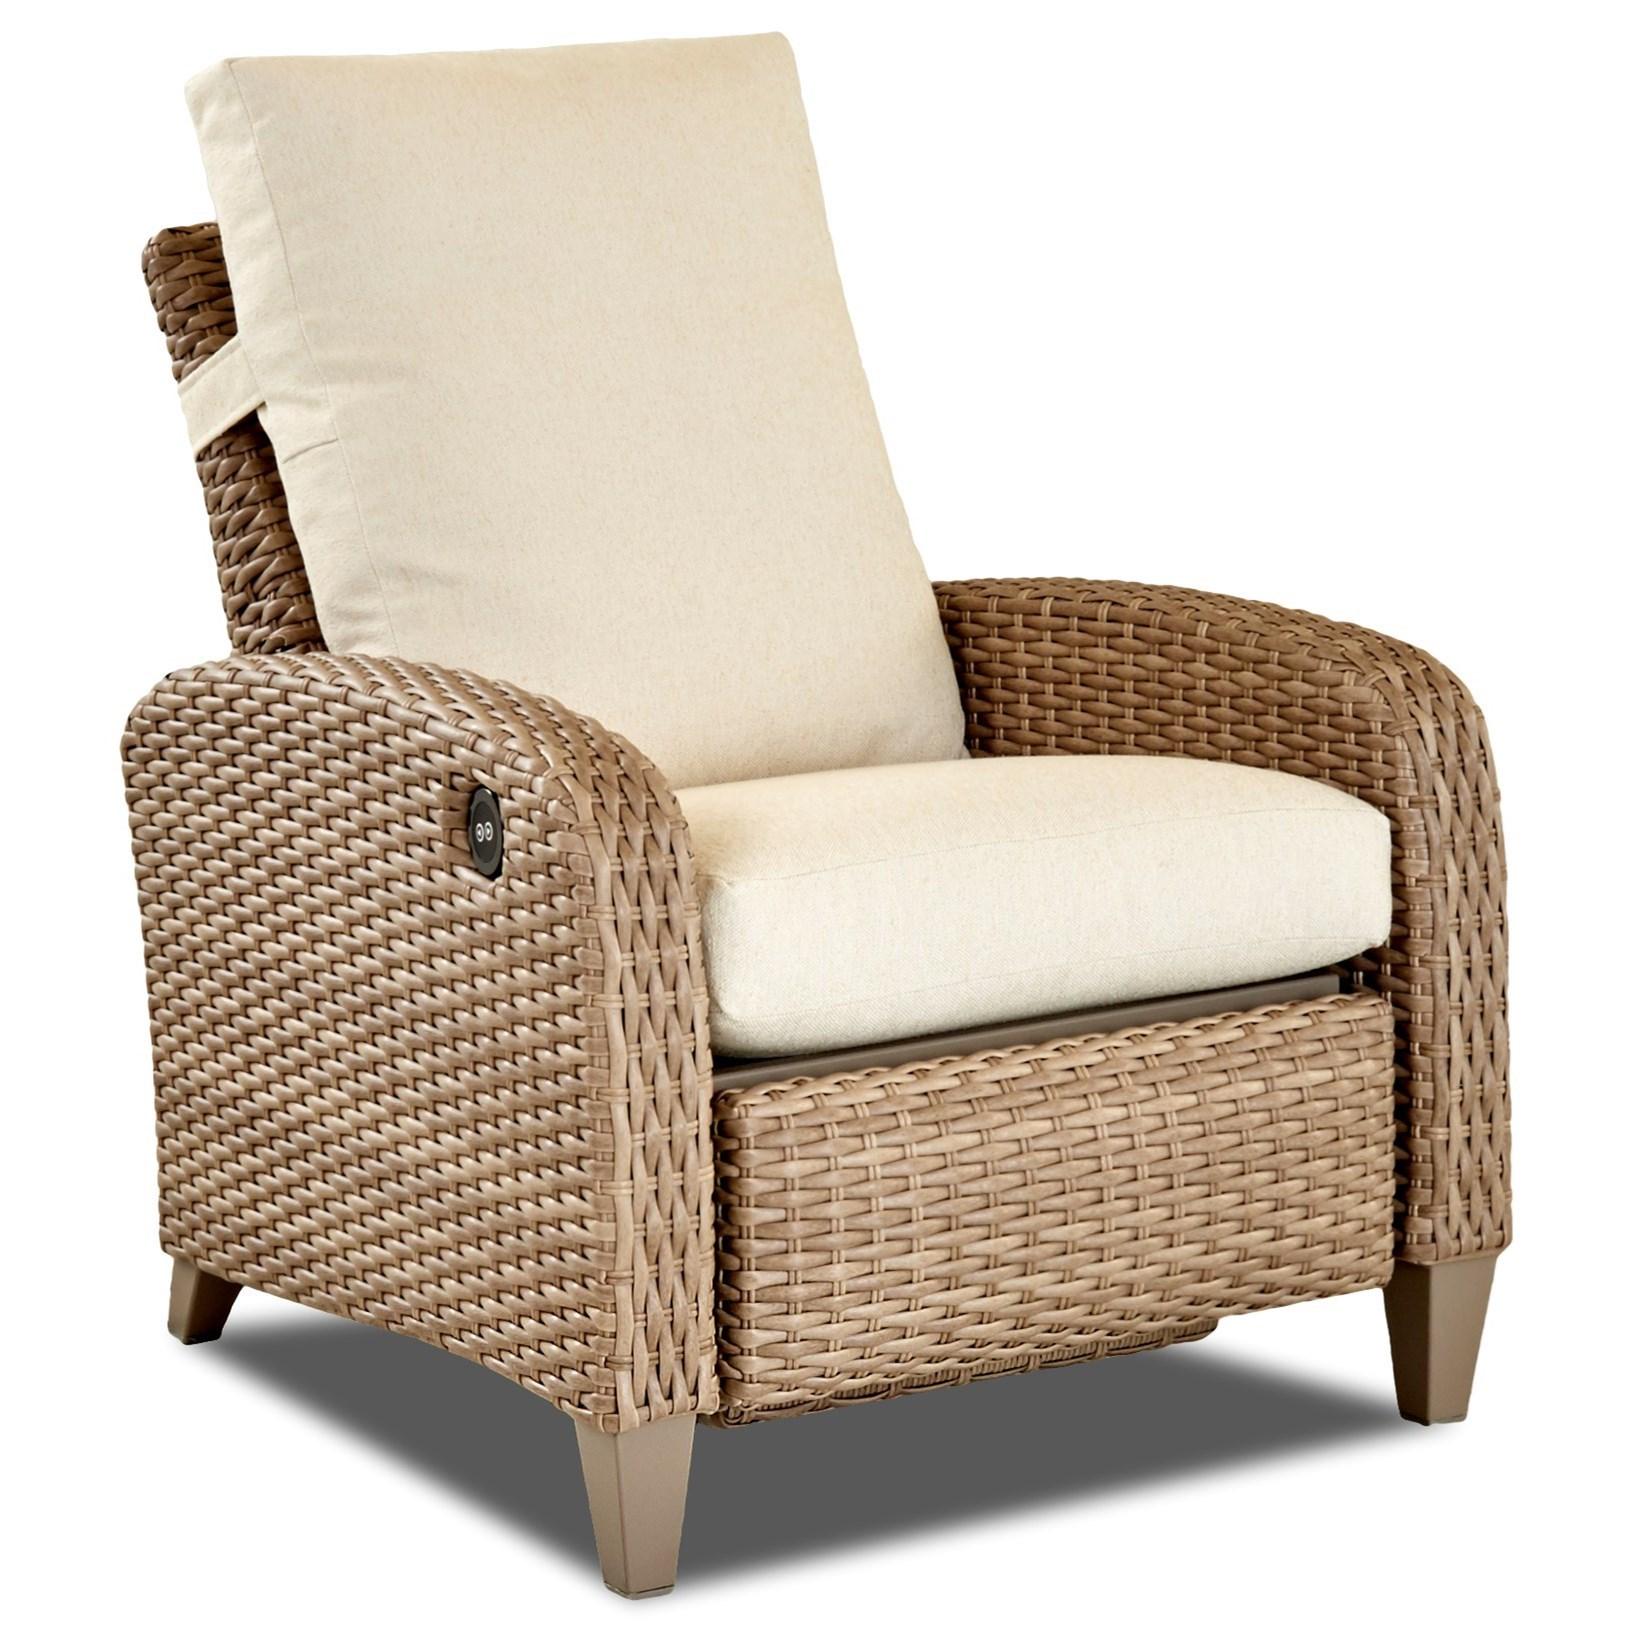 Merveilleux Klaussner Outdoor TidepointePower High Leg Recliner W/Reversible Cushion